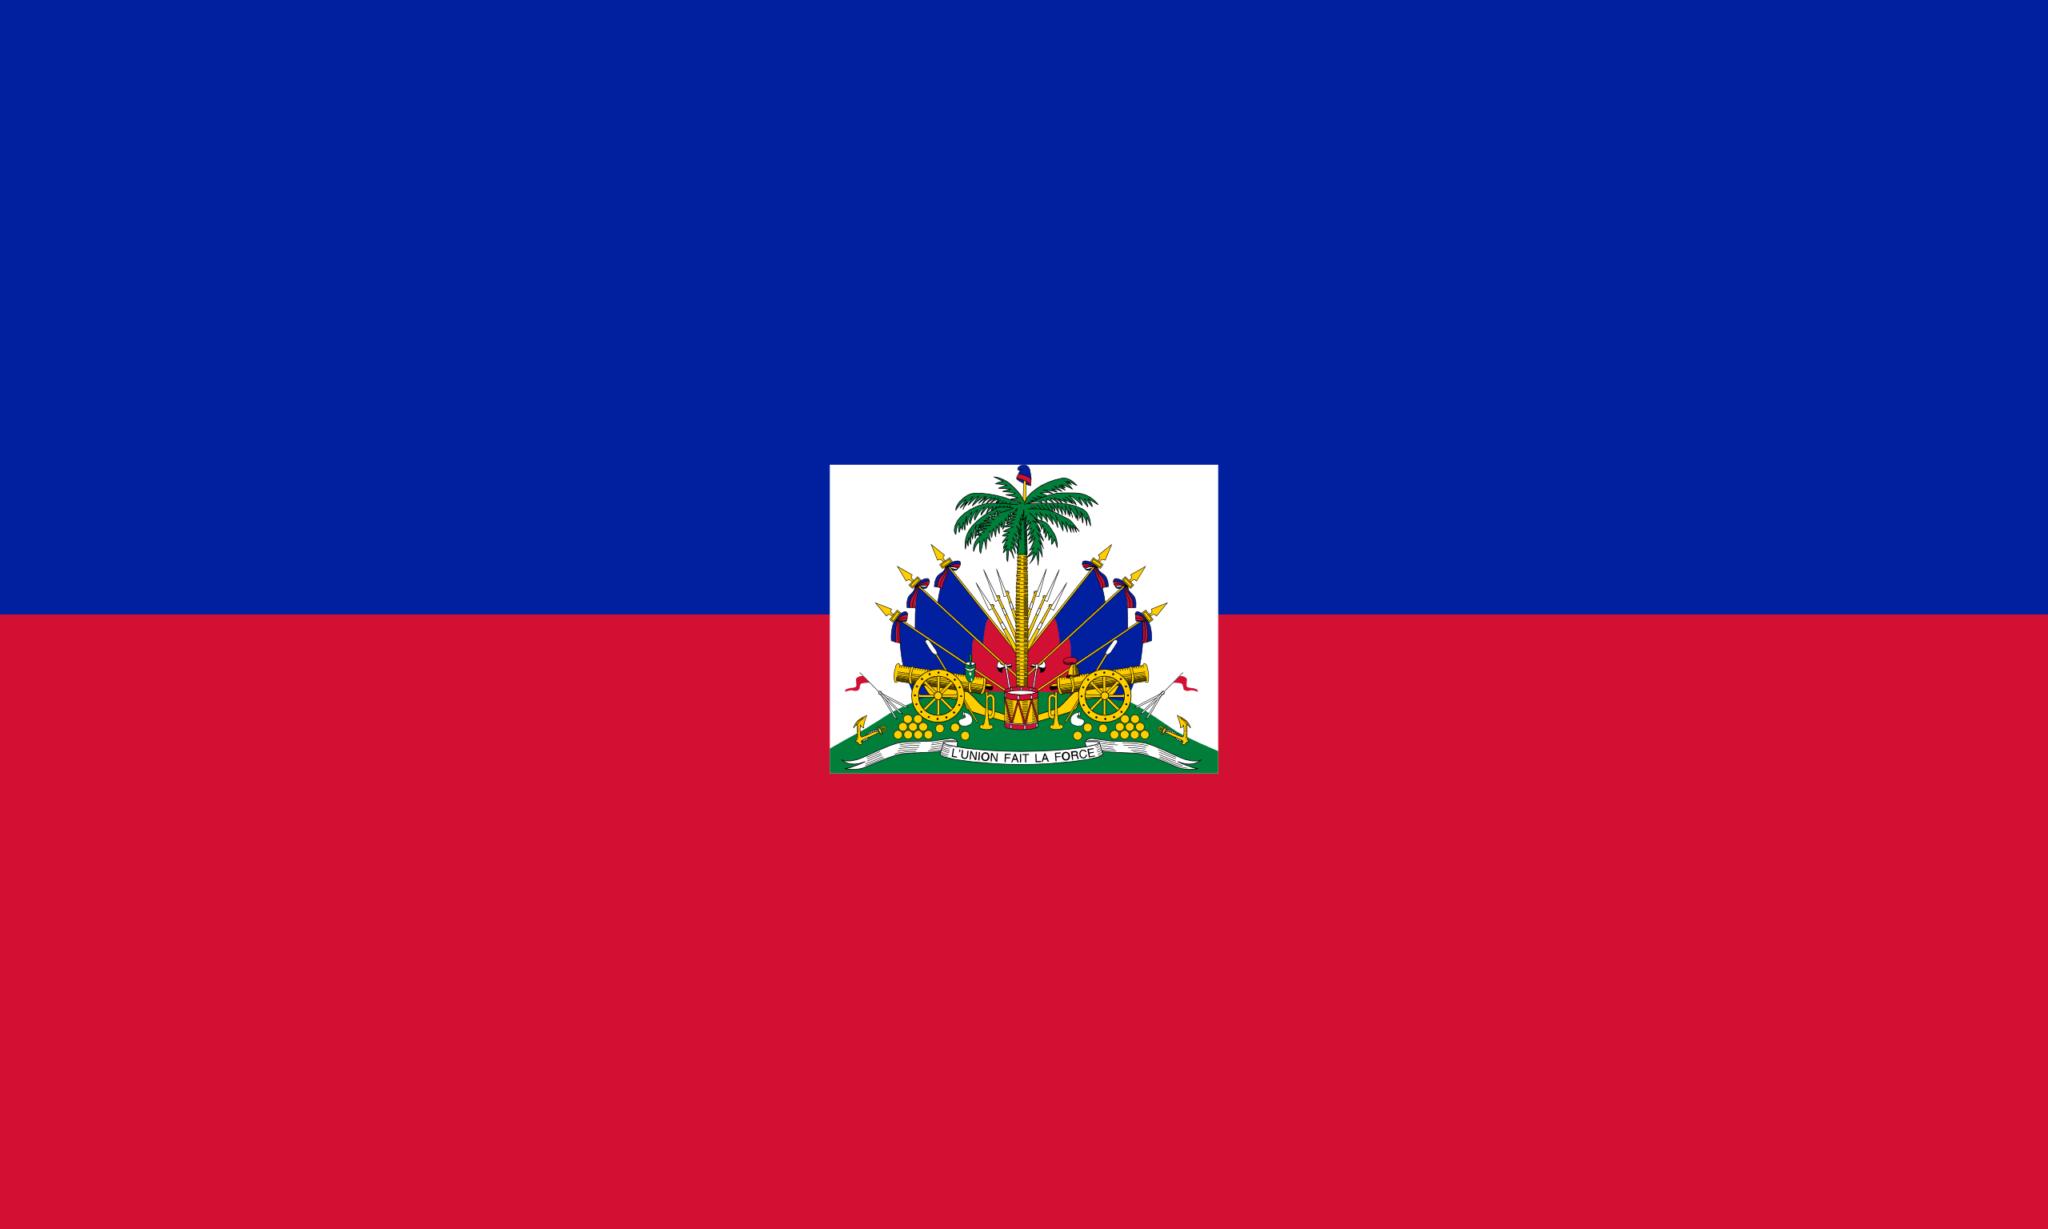 Haiti Banderas Del Mundo Banderas Del Mundo Bandera De Haiti